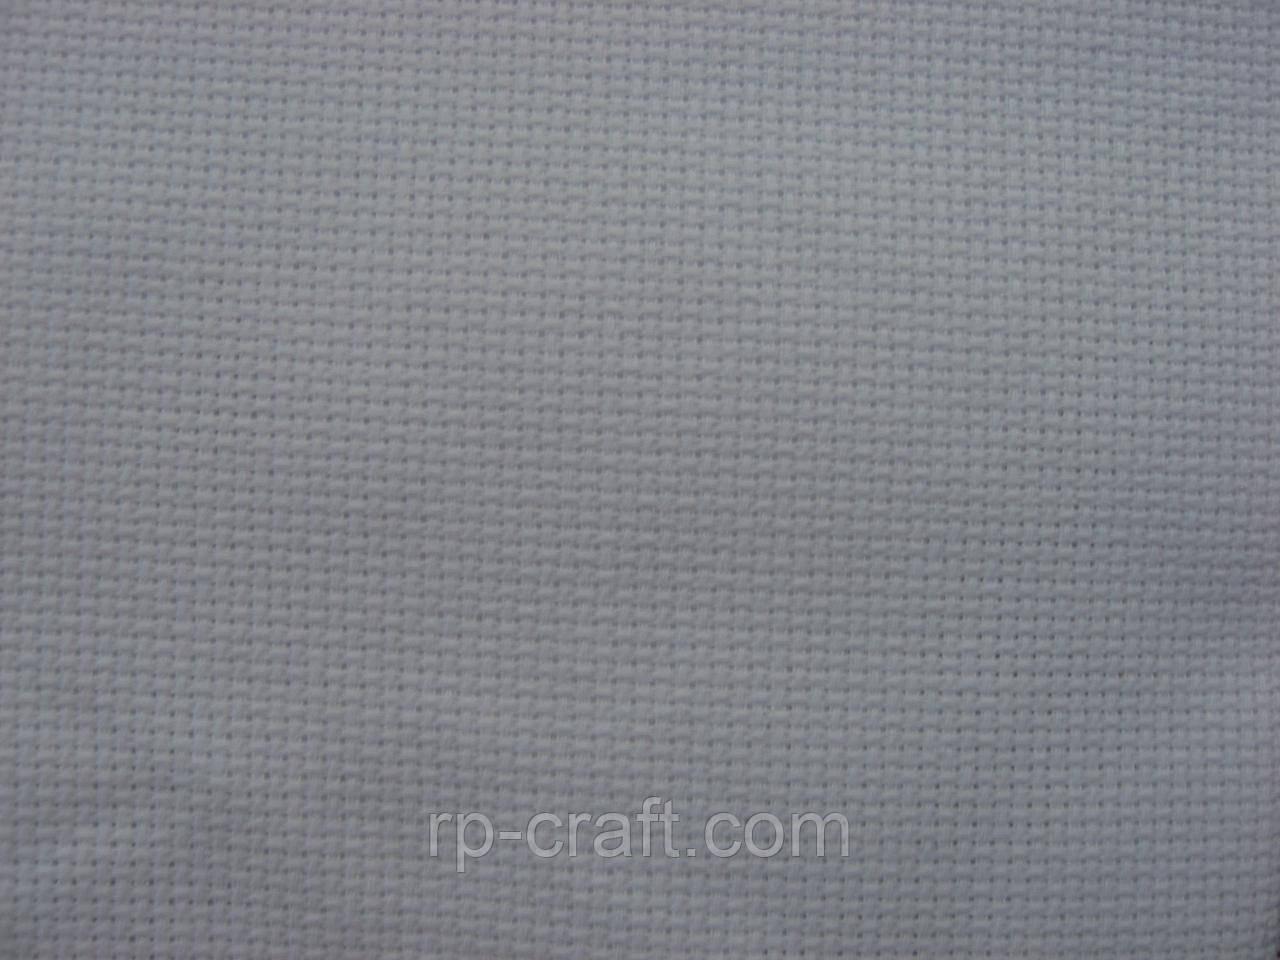 Отрез ткани для вышивки. Аида 18, белая, 22х54 см